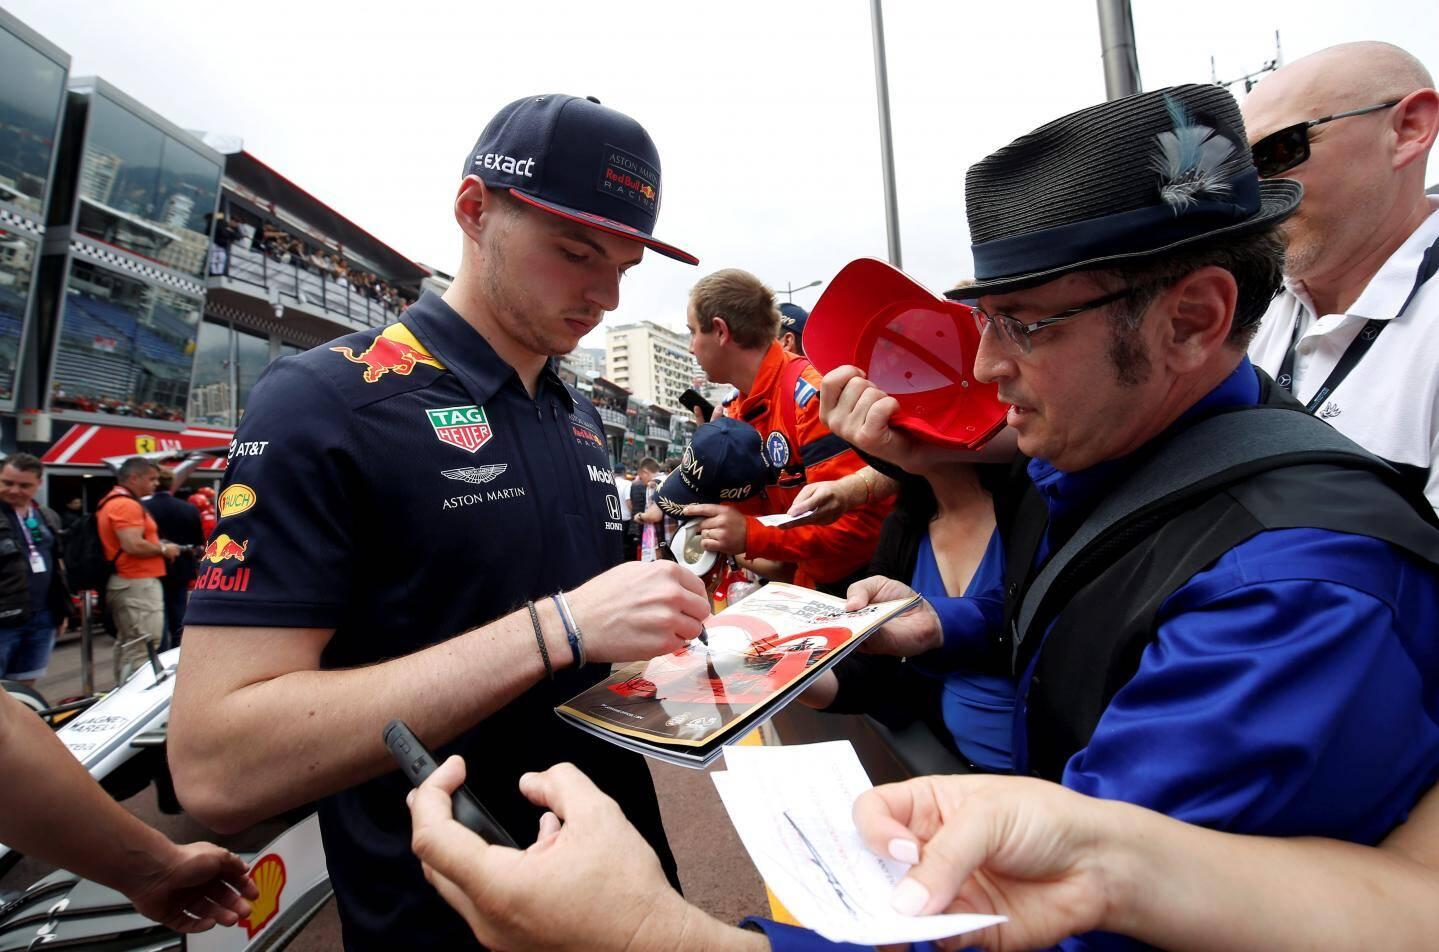 Max Verstappen (Red Bull) a fait un passage plutôt discret.